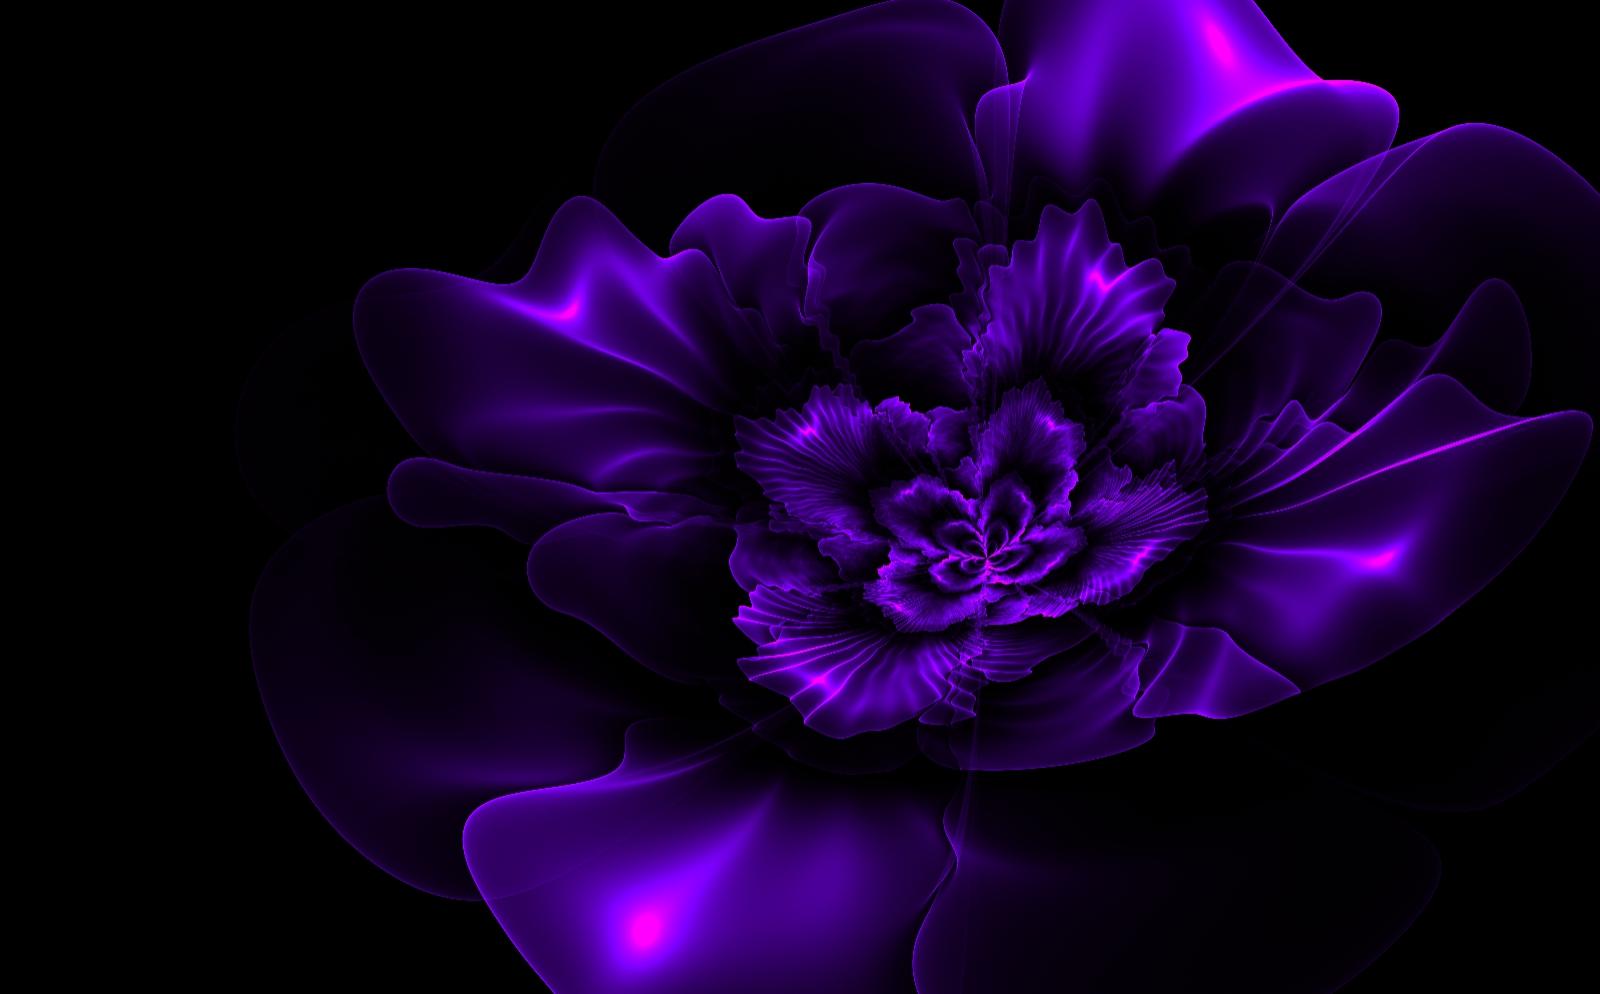 Dark purple fractal flower 1600x994